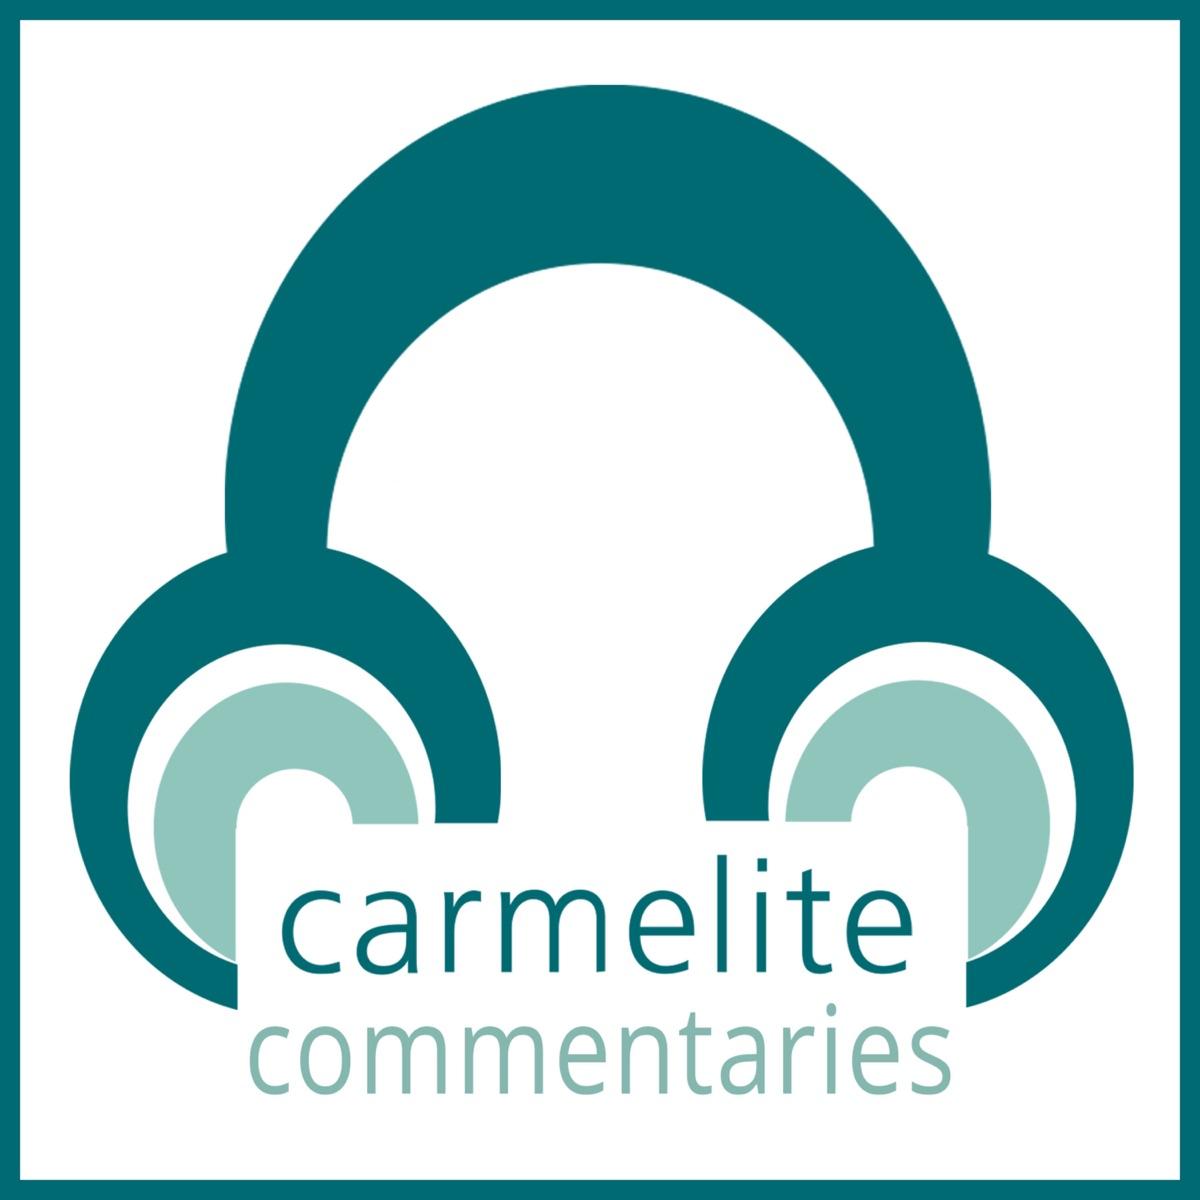 Carmelite Commentaries